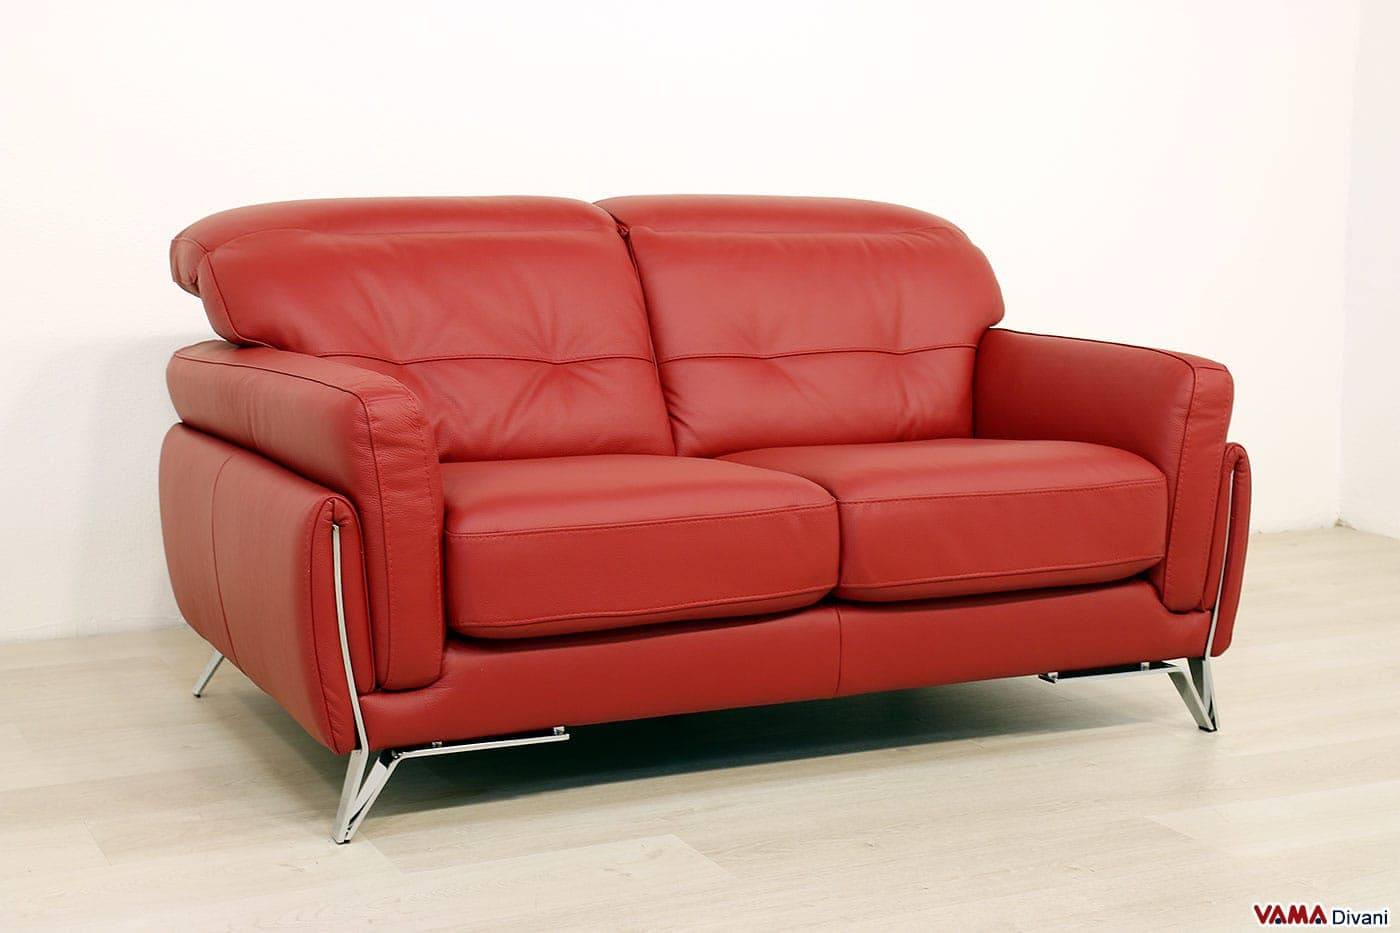 Divano in pelle di design ster vama divani - Divano 2 posti dimensioni ...